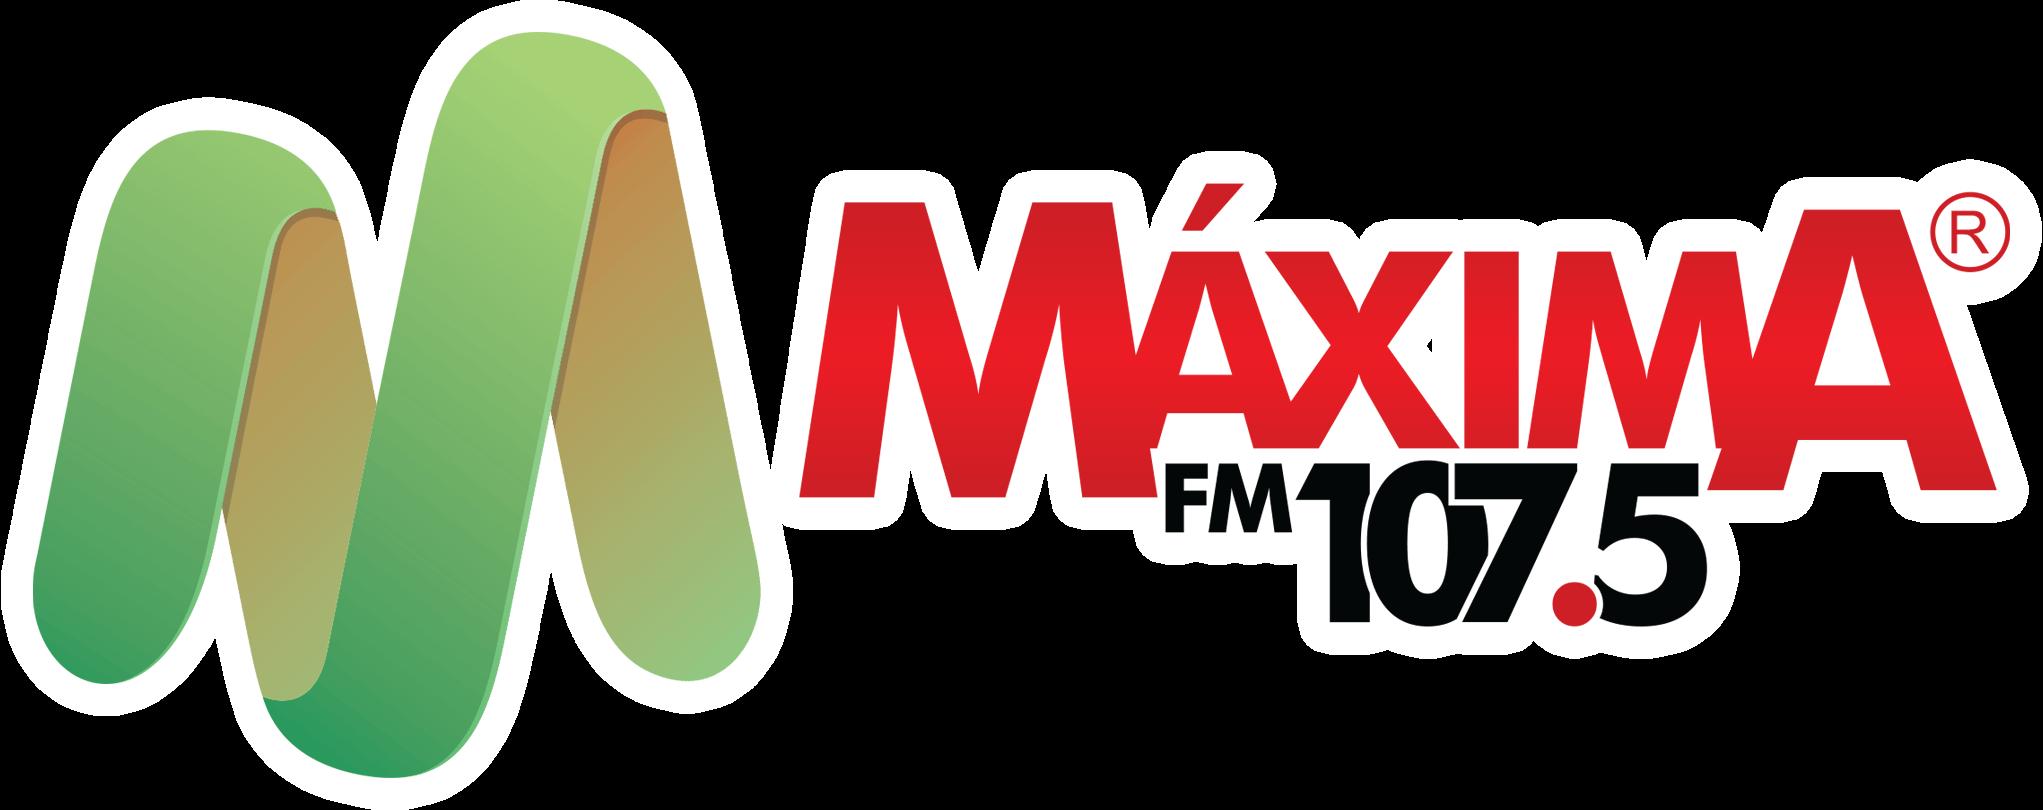 Máxima FM 107.5